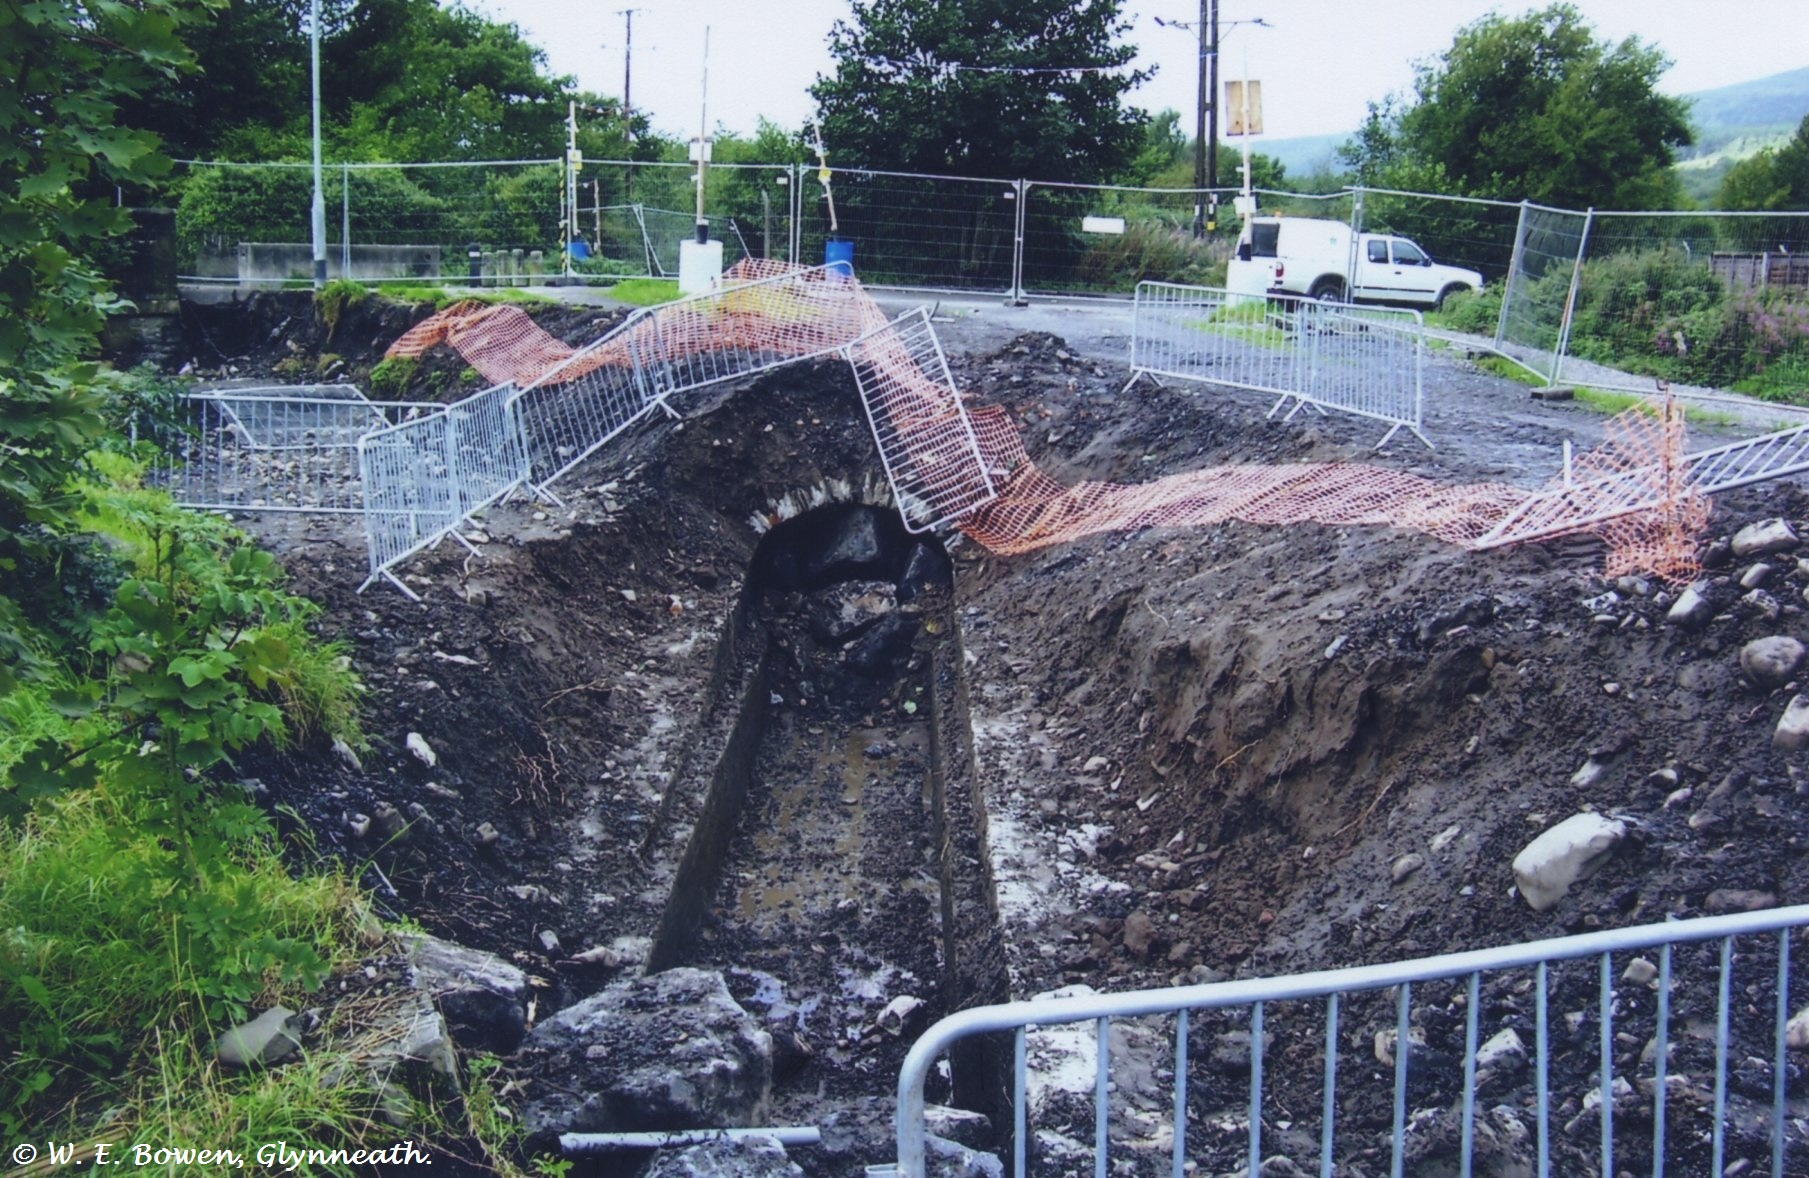 015-culvert-under-road